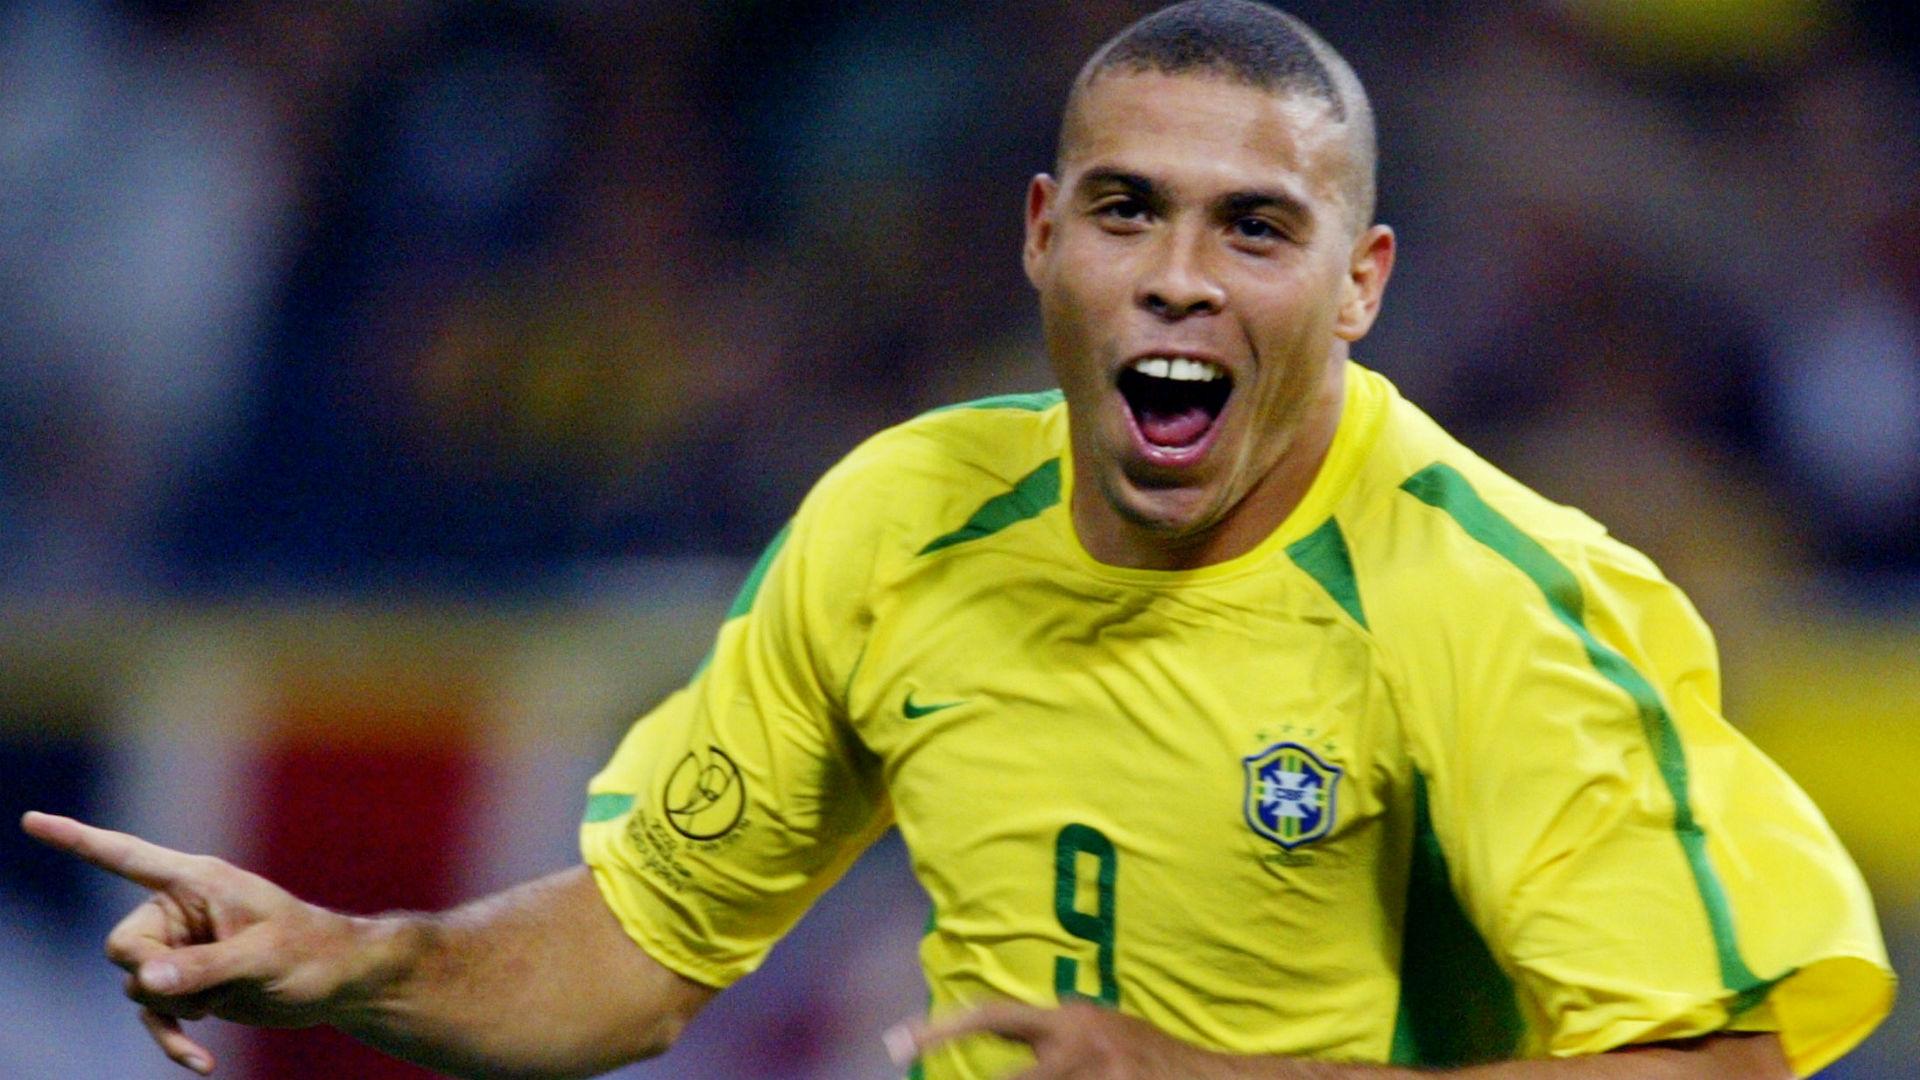 ronaldo nazario - brazil - 2002 - Goal.com